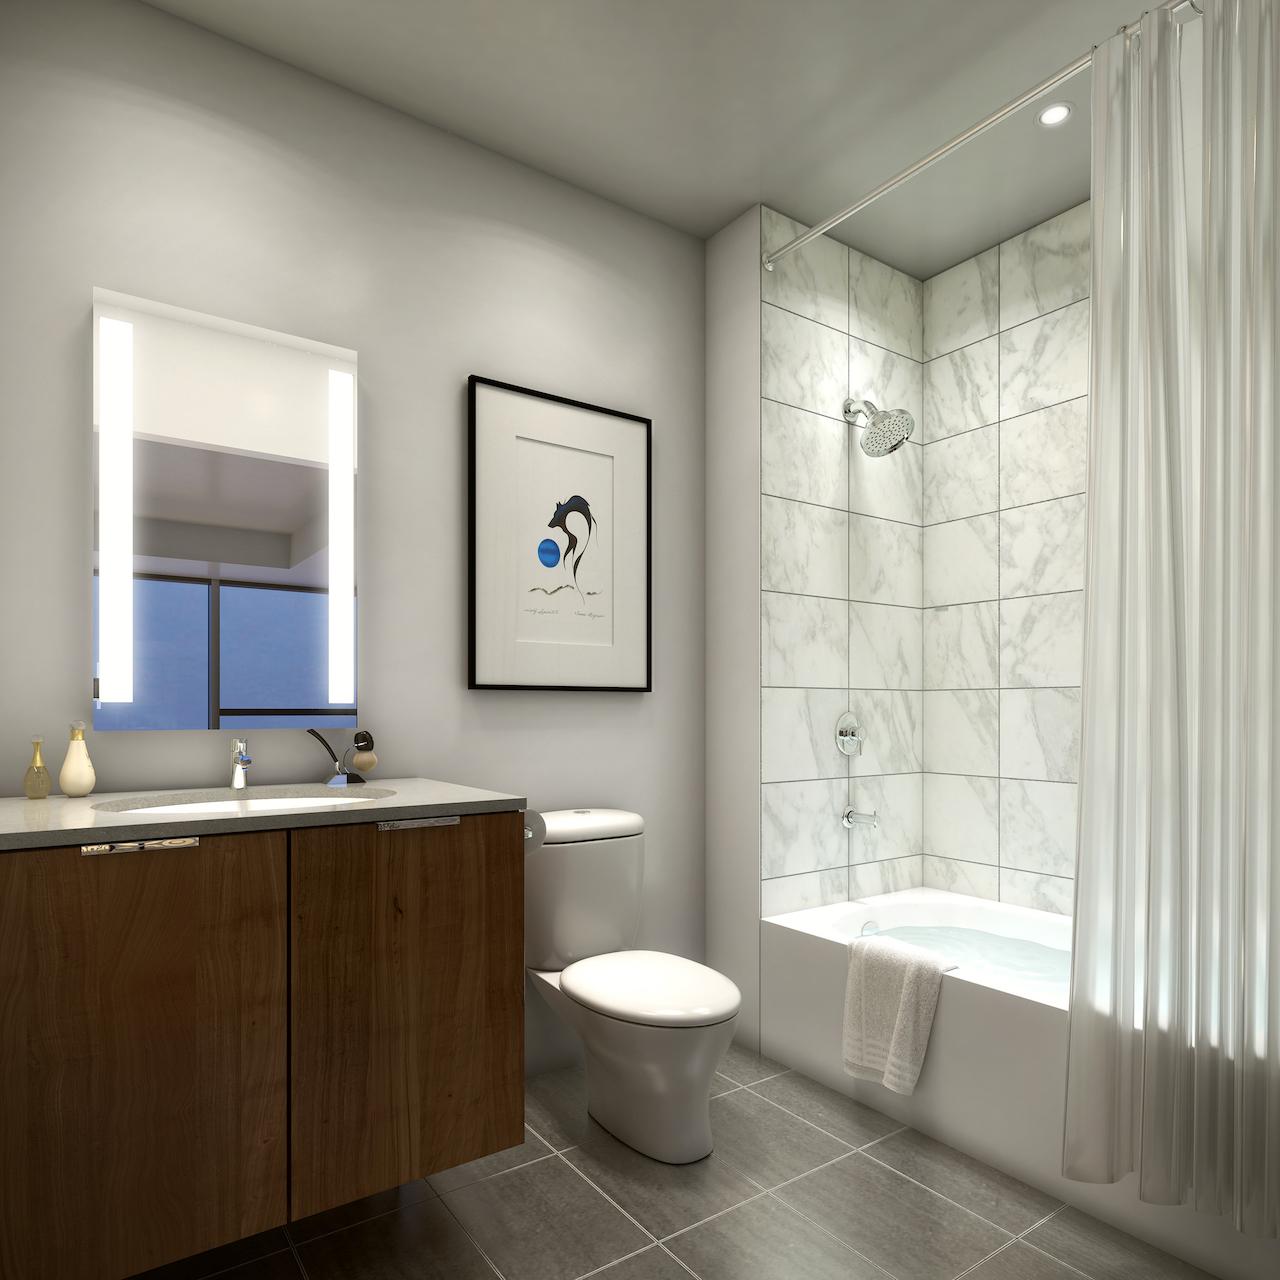 Rendering of SKY Residences unit interior ensuite bathroom.